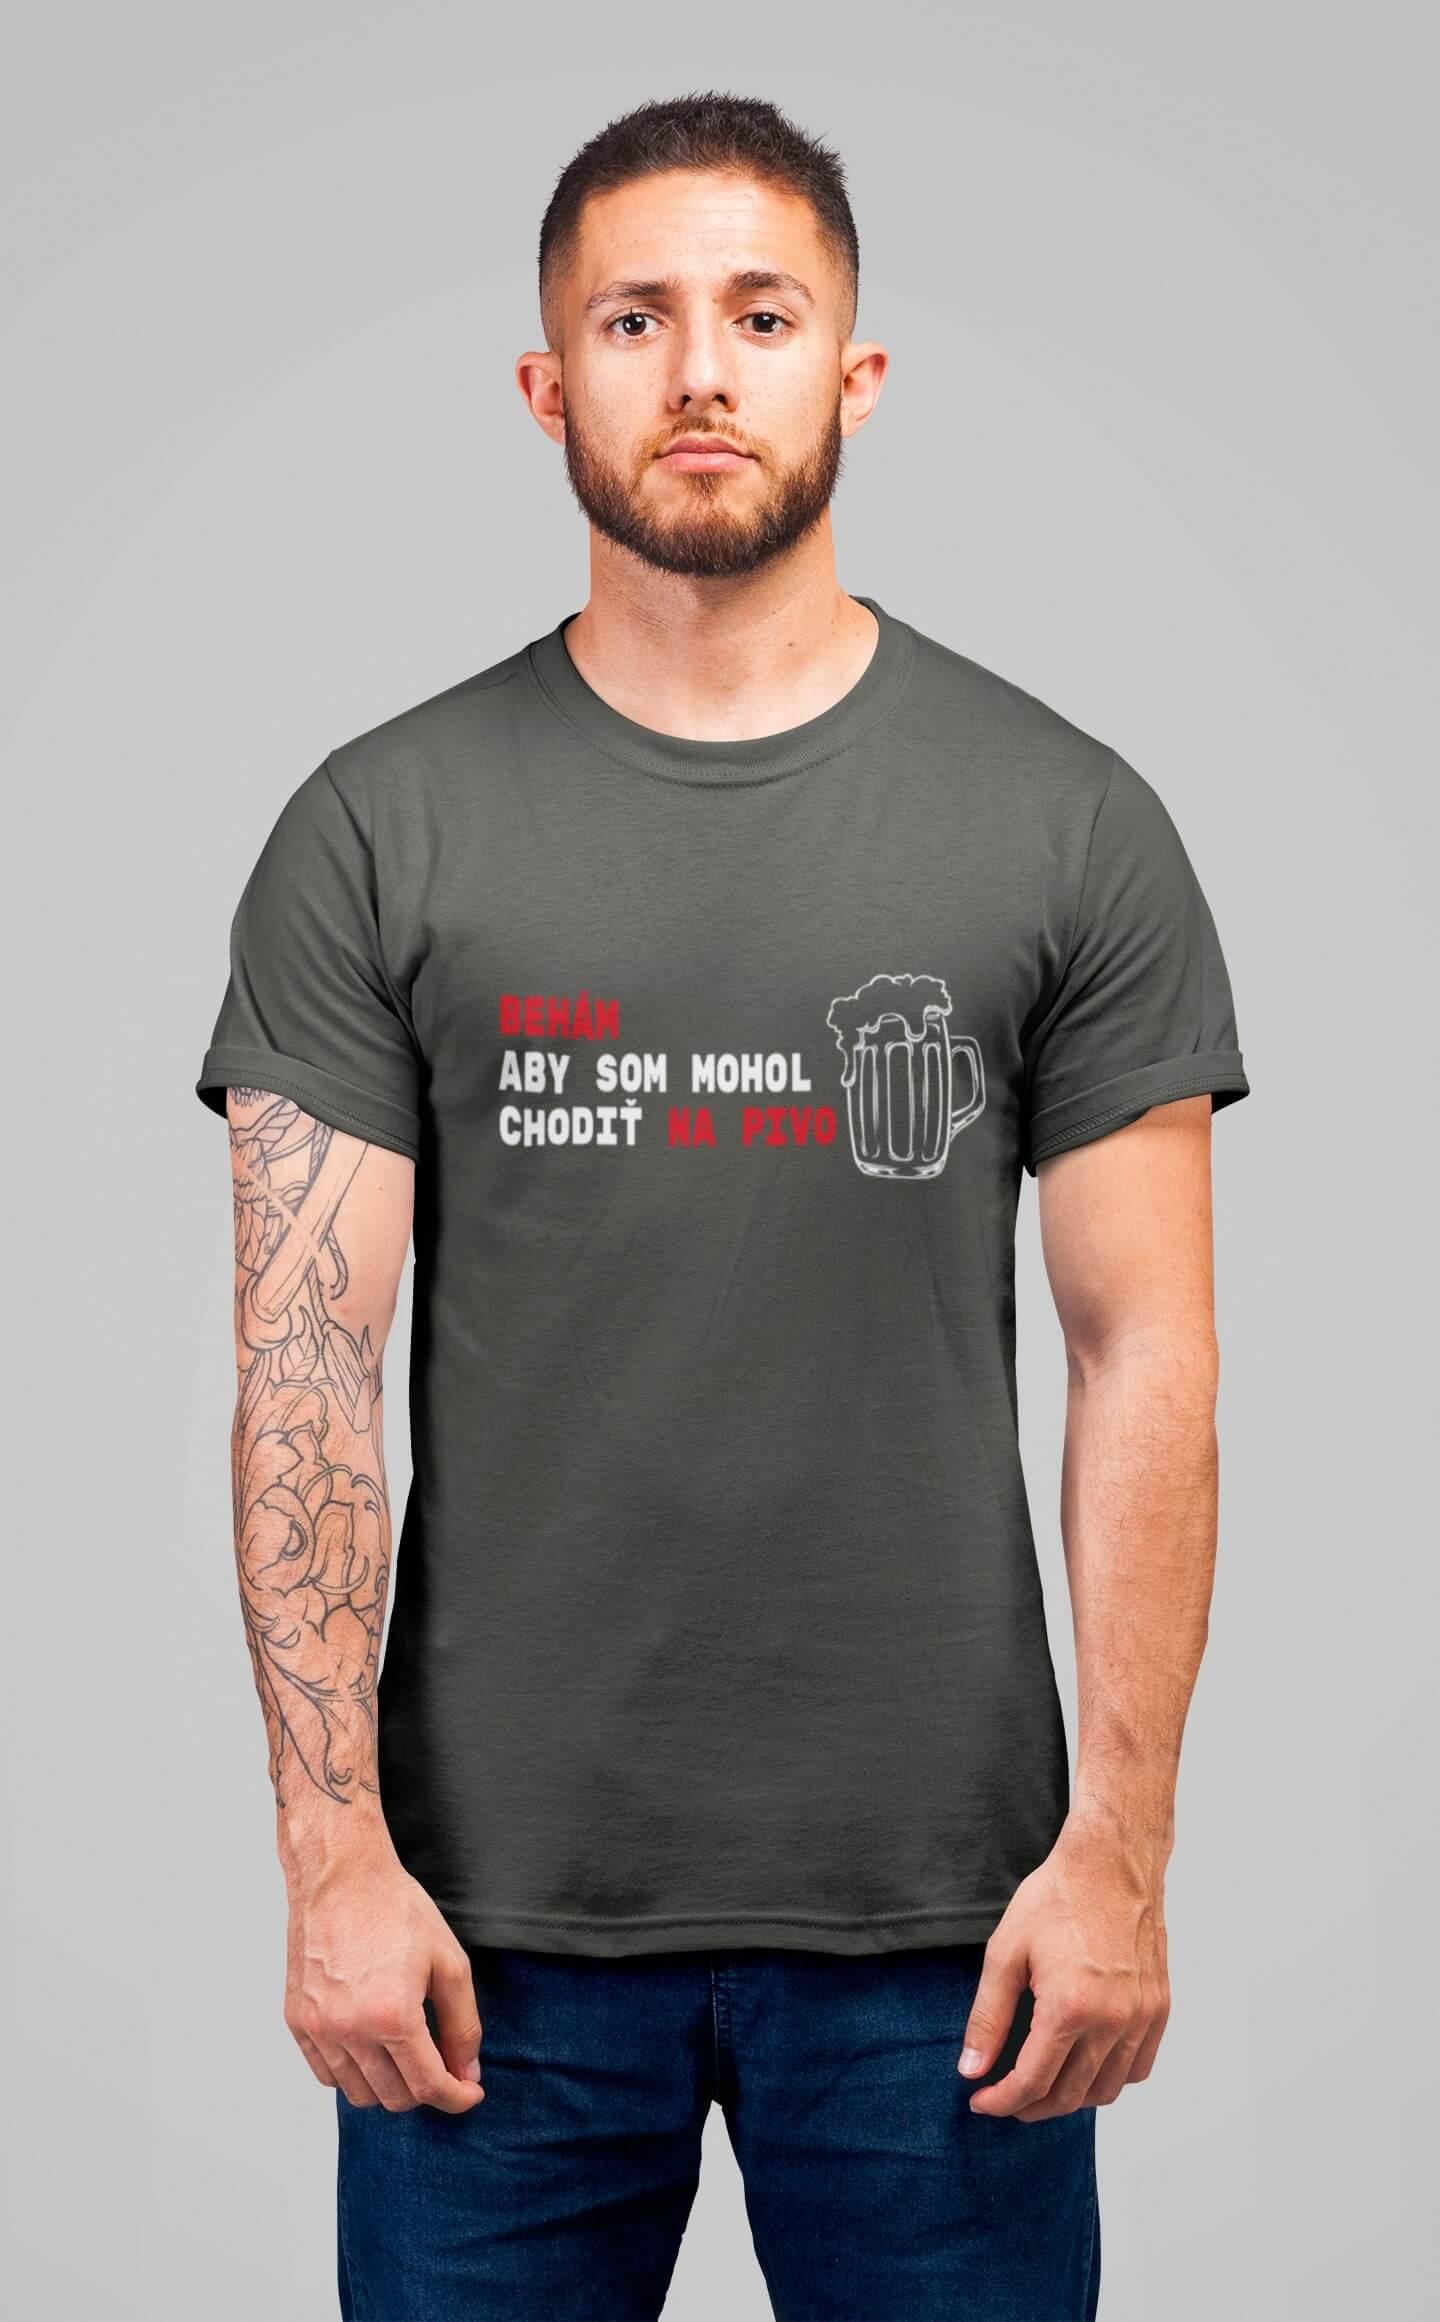 MMO Pánske tričko Behám Vyberte farbu: Tmavá bridlica, Vyberte veľkosť: XL